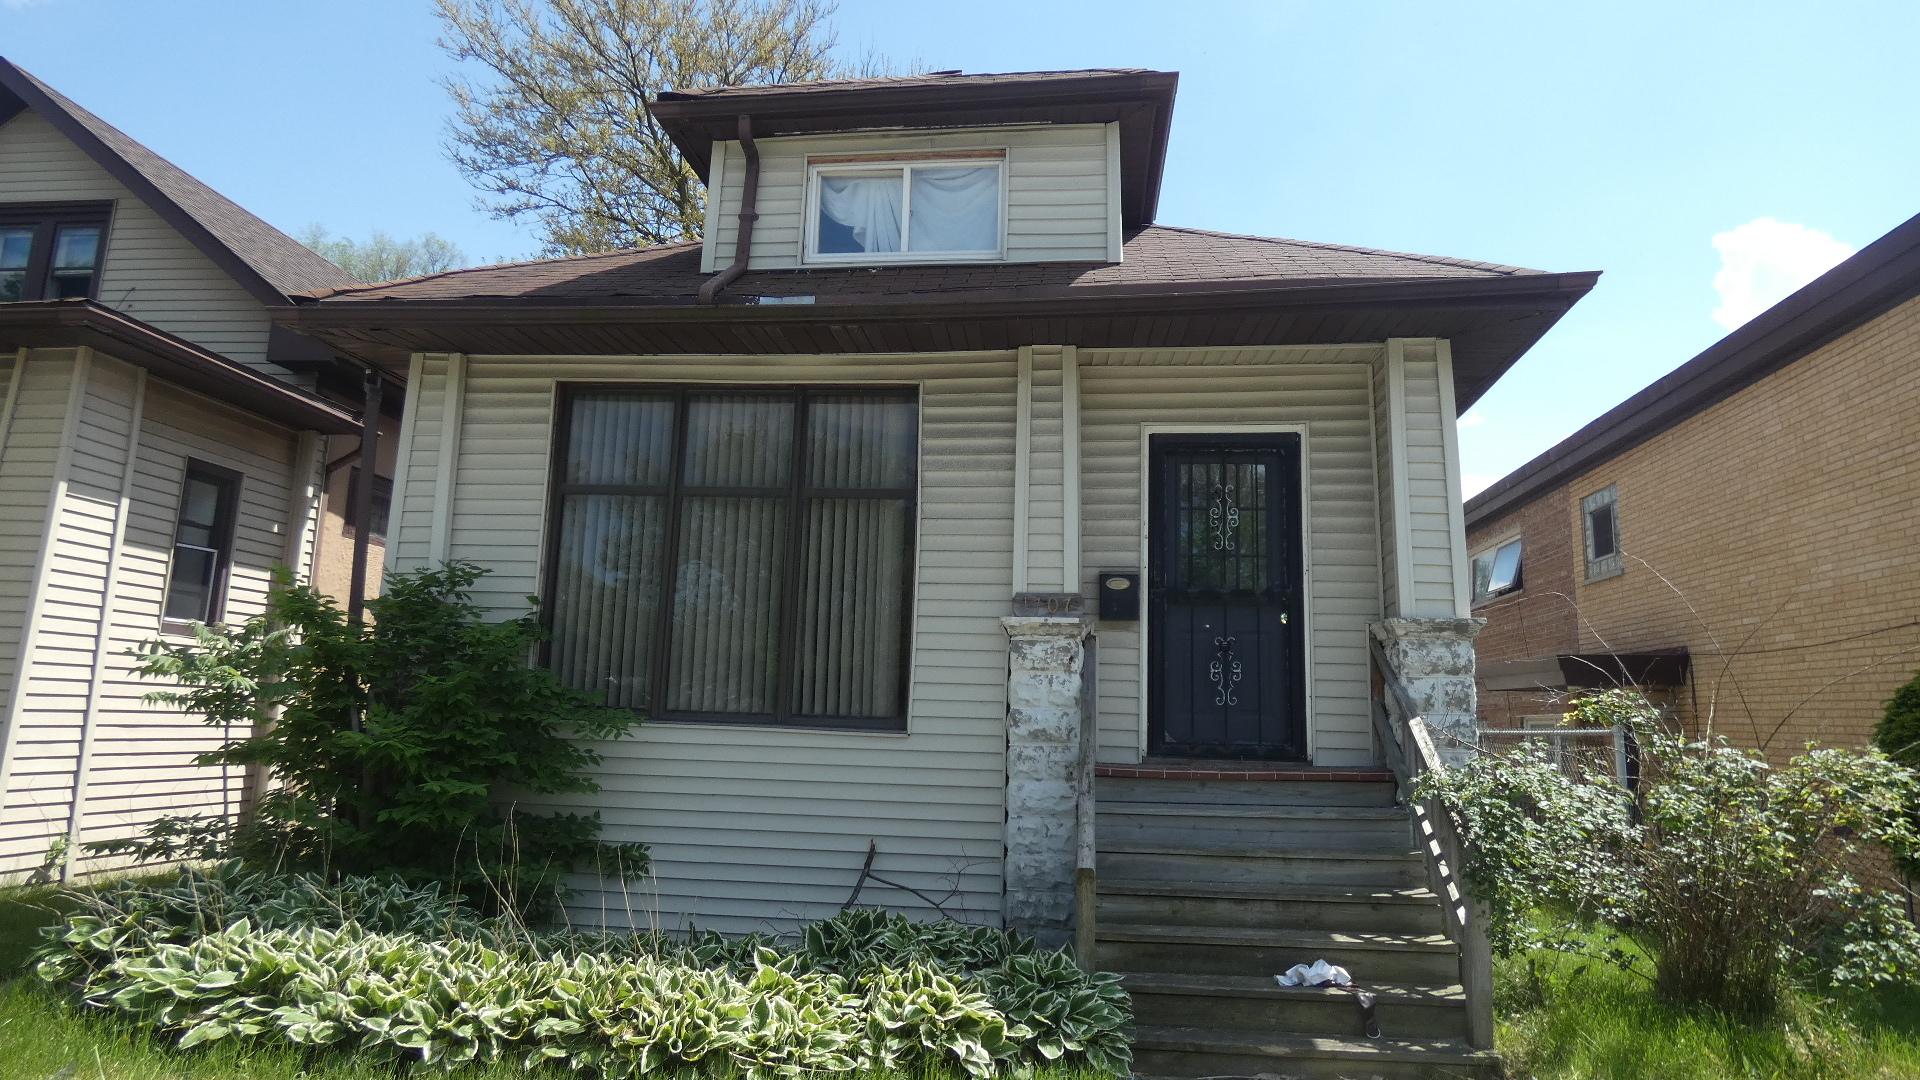 1707 E 83rd Exterior Photo